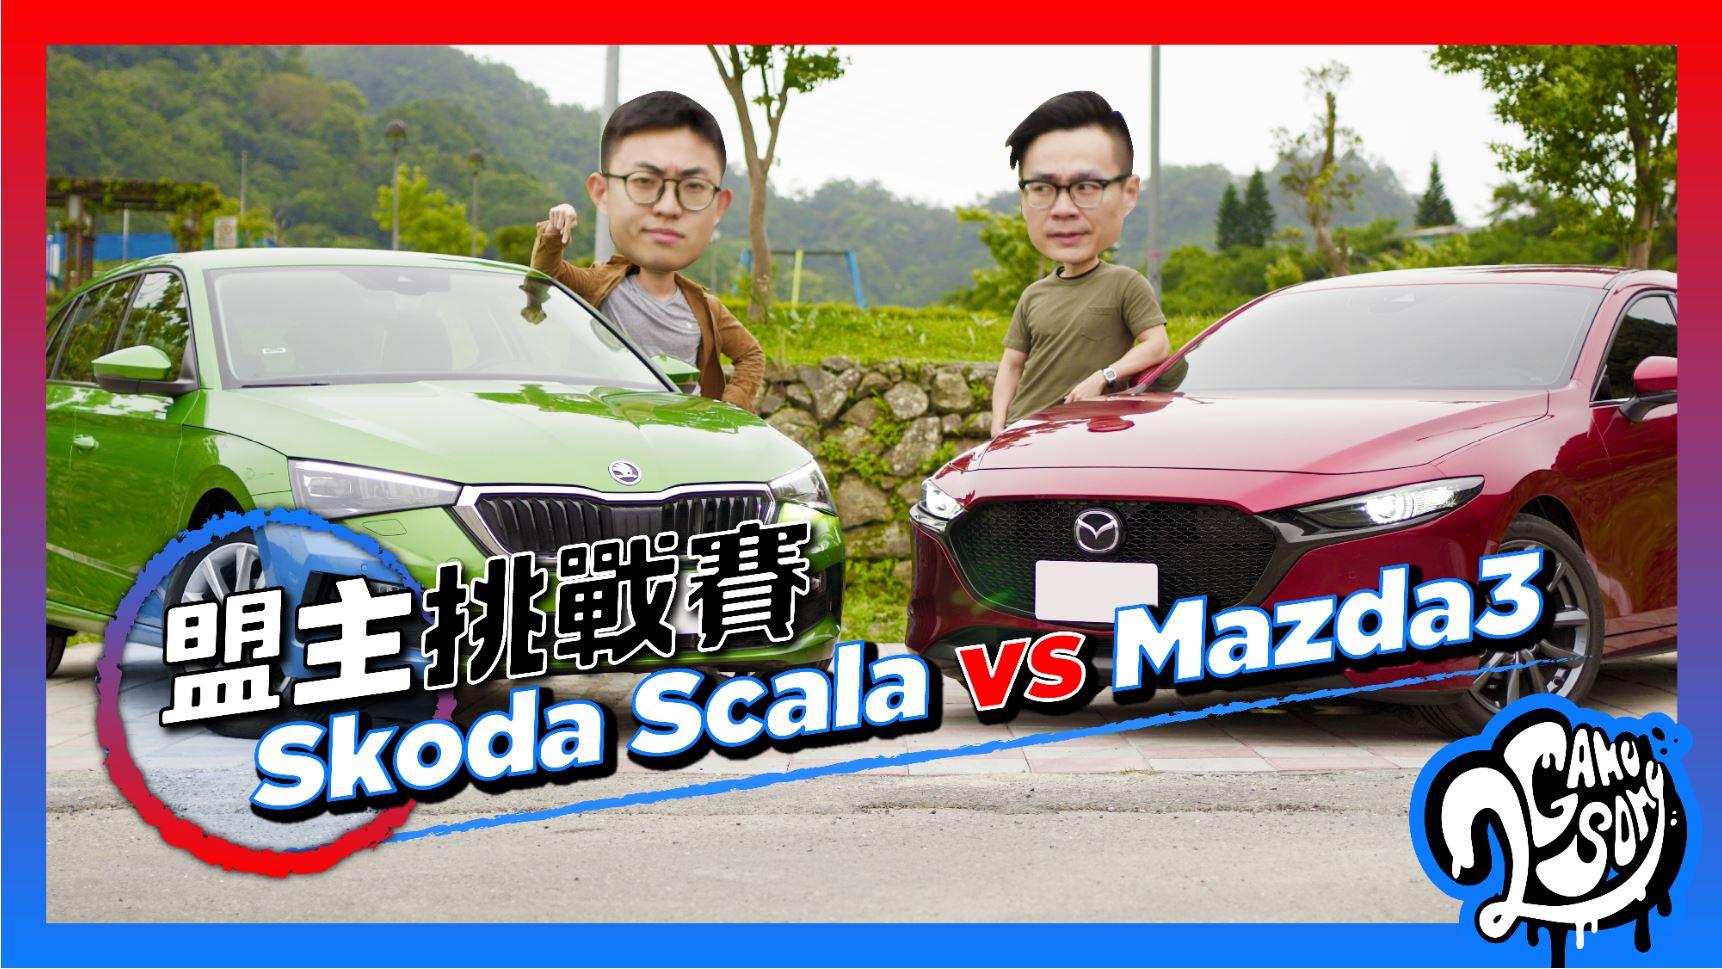 【盟主挑戰賽】Skoda Scala vs Mazda3 評比誰有勝算?!